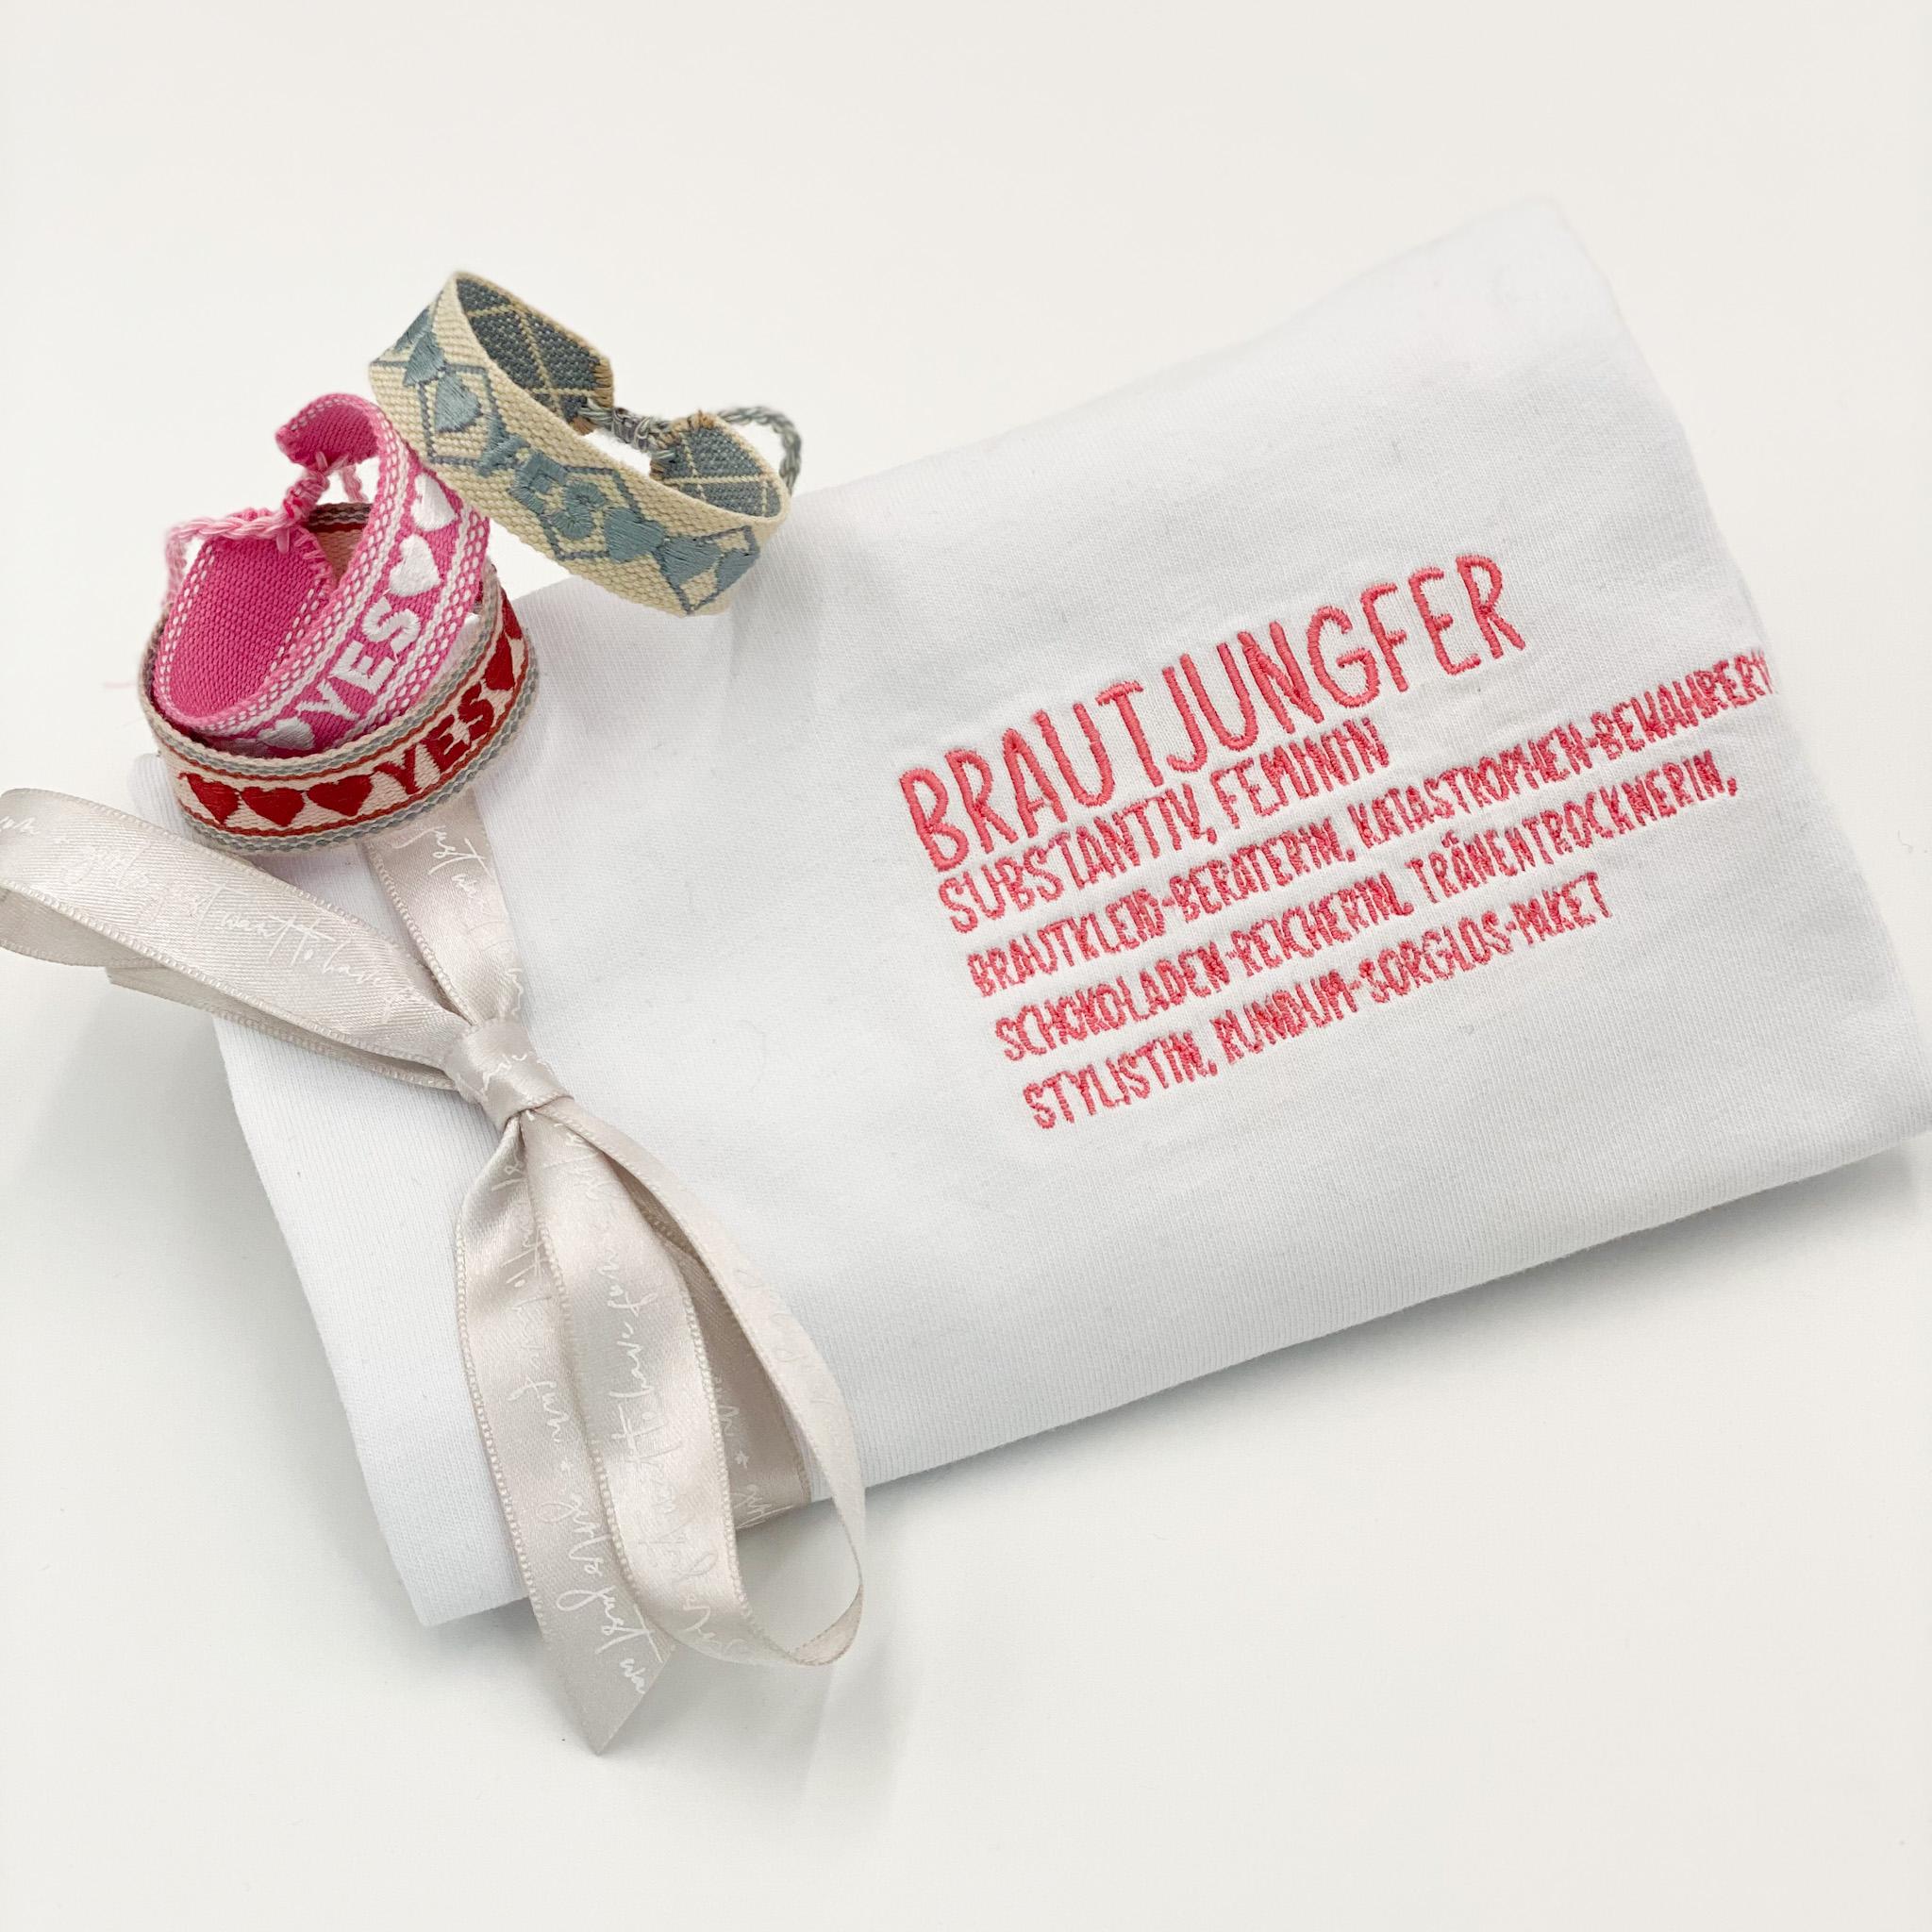 Geschenkset für die Brautjungfer : T-Shirt Brautjungfer und YES Armband